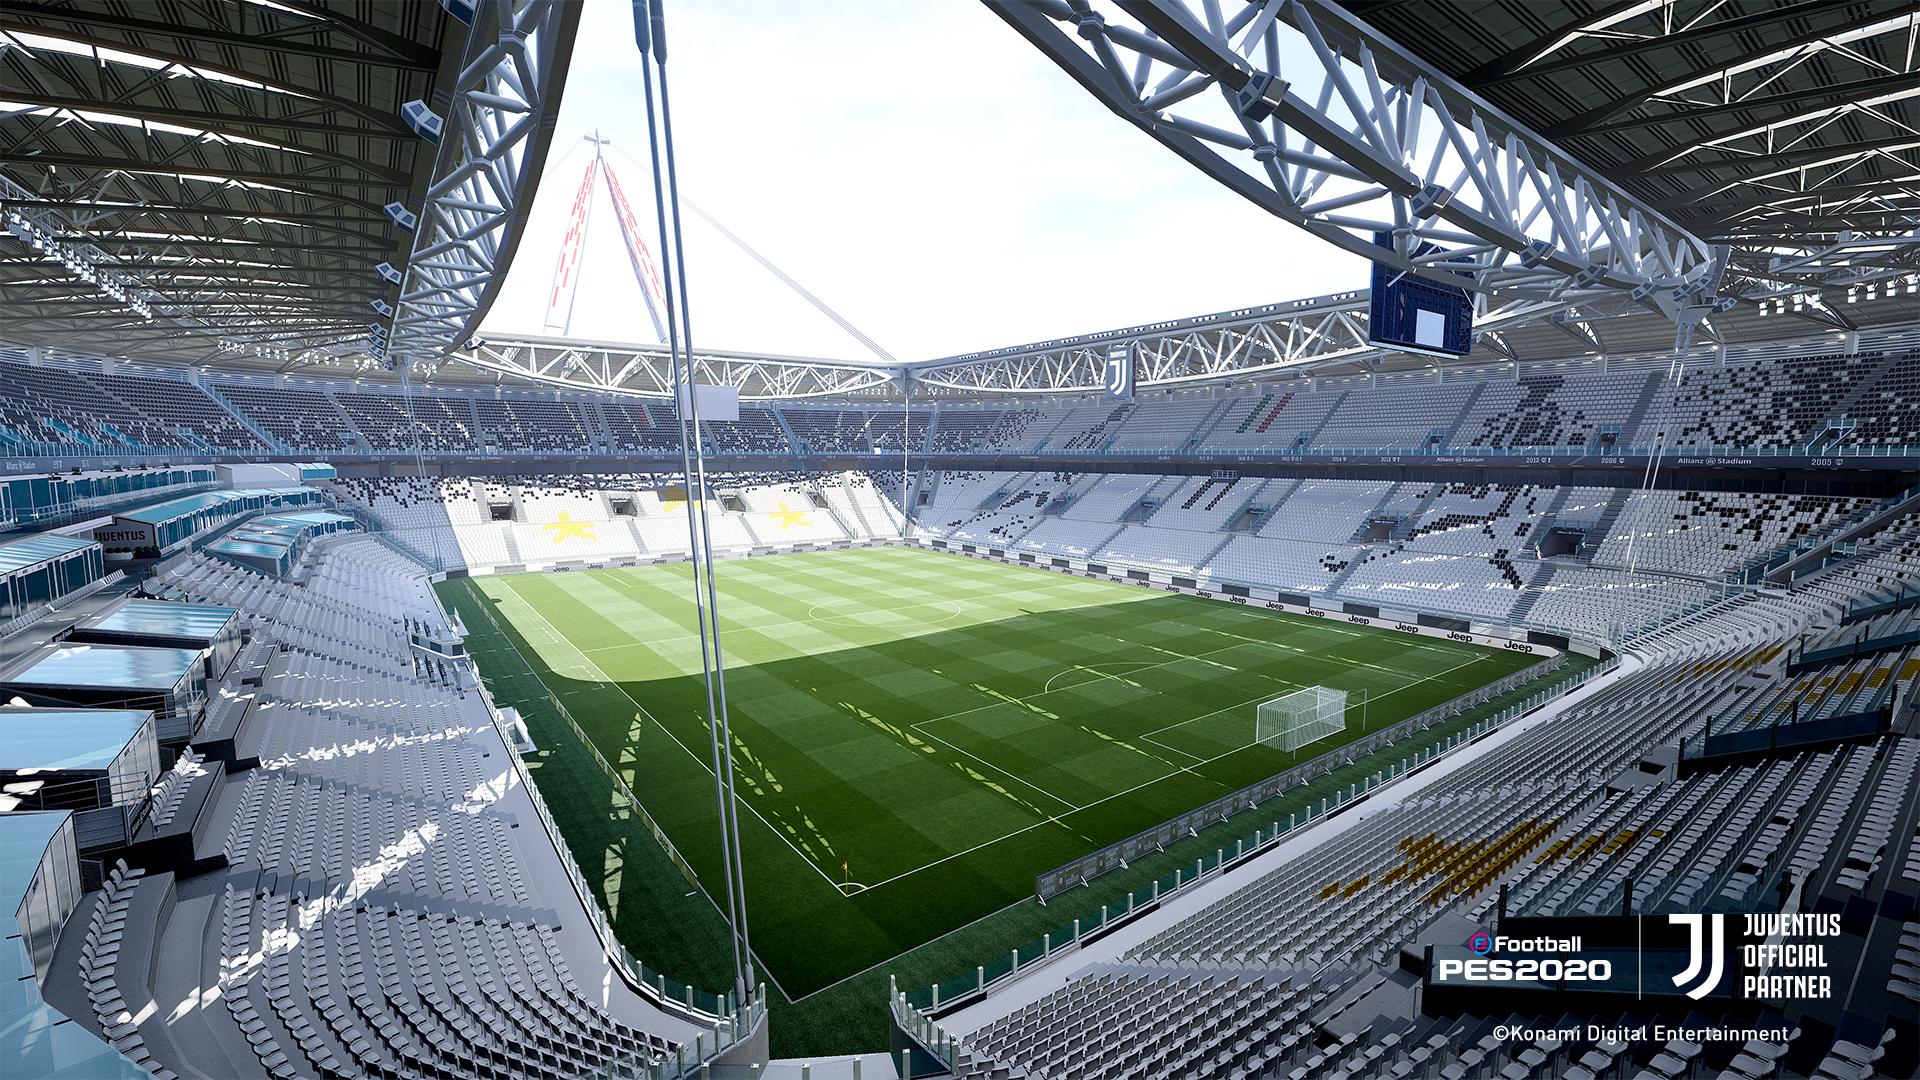 PES 2020 Allianz Stadium 2